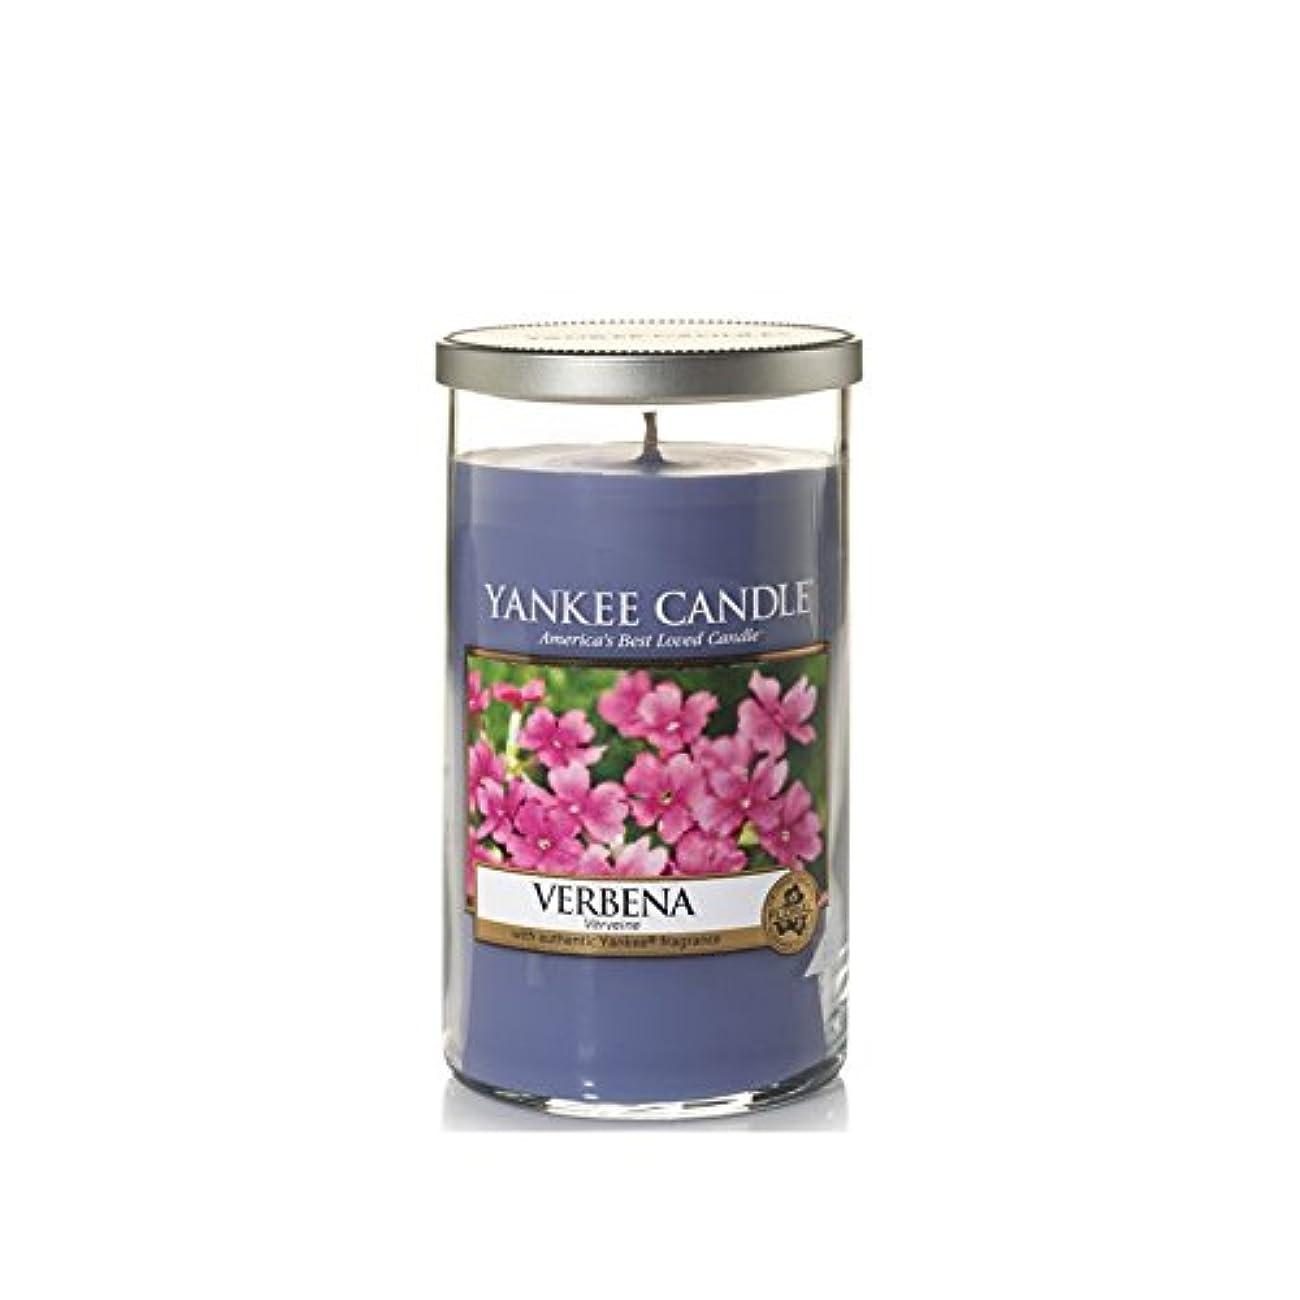 サンダル地平線アルコールYankee Candles Medium Pillar Candle - Verbena (Pack of 2) - ヤンキーキャンドルメディアピラーキャンドル - バーベナ (x2) [並行輸入品]